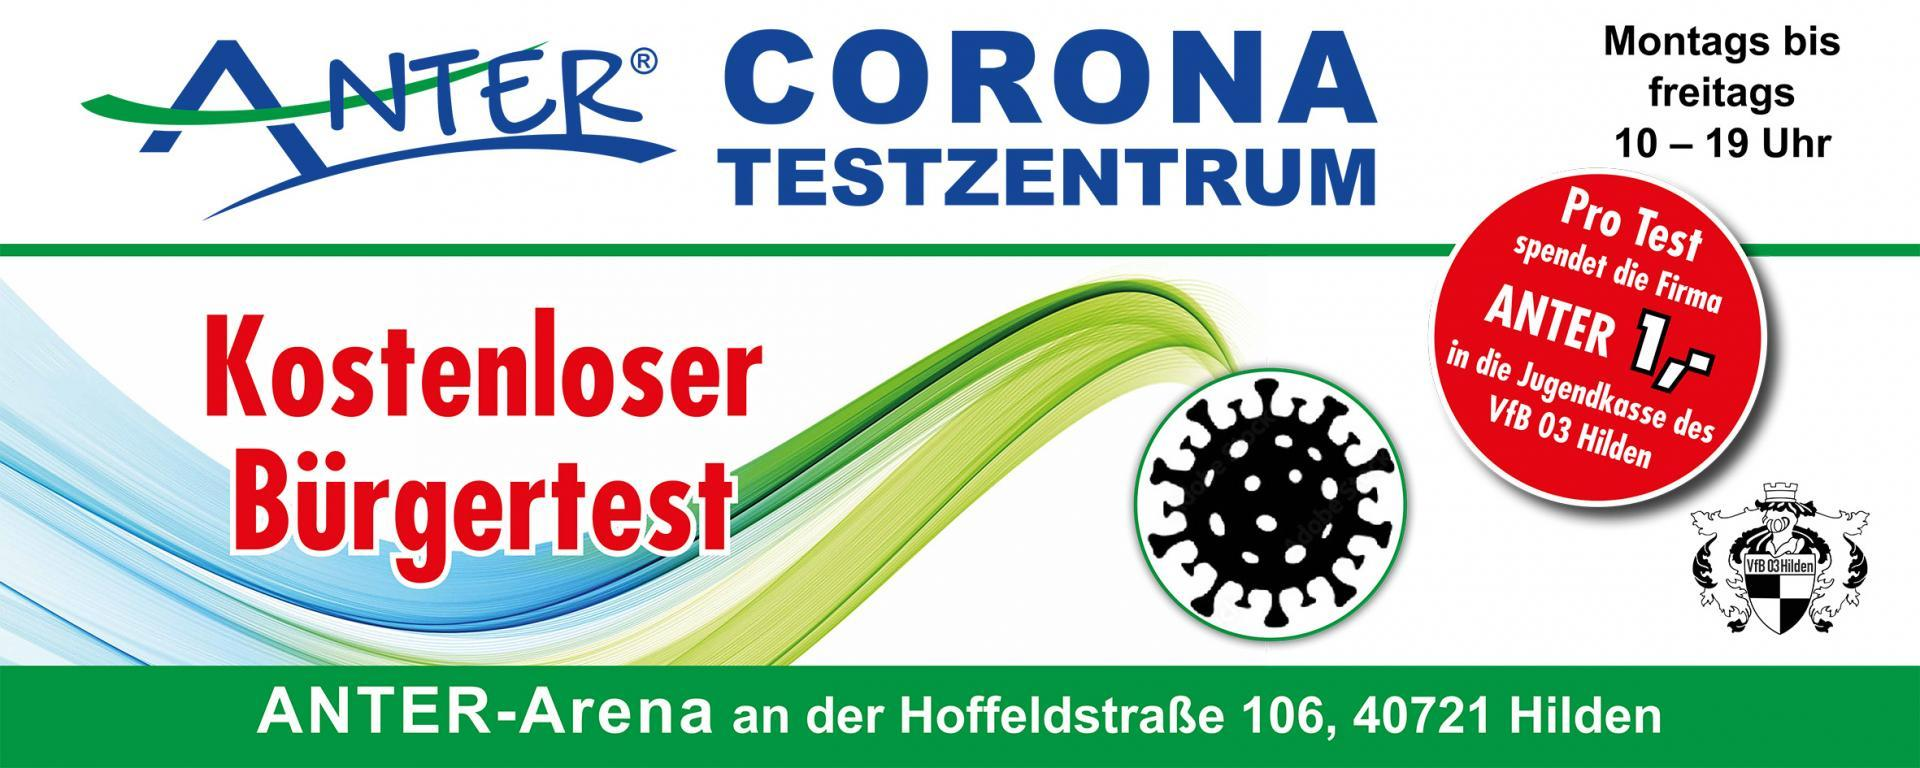 Corona-Testzentrum